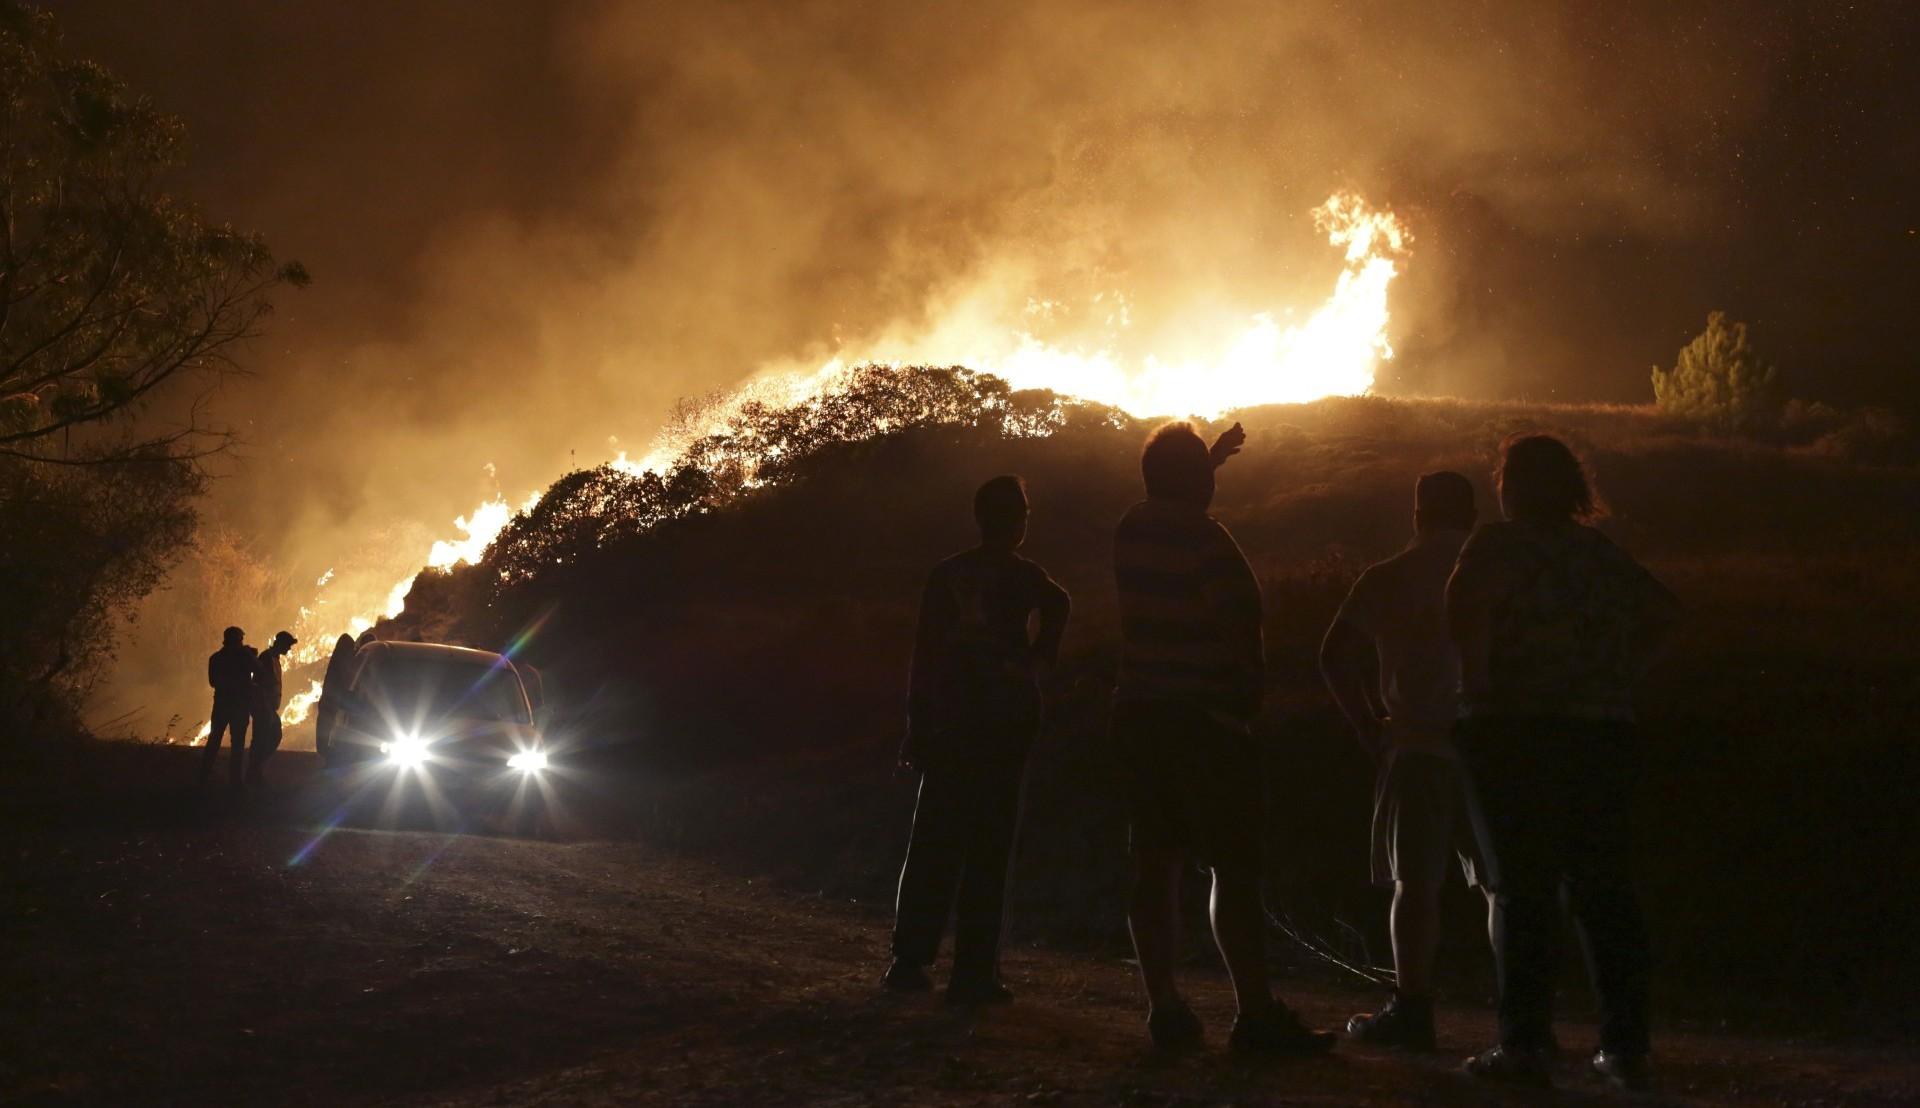 La gente observa las llamas en las afueras de Obidos (AP Photo/Armando Franca)